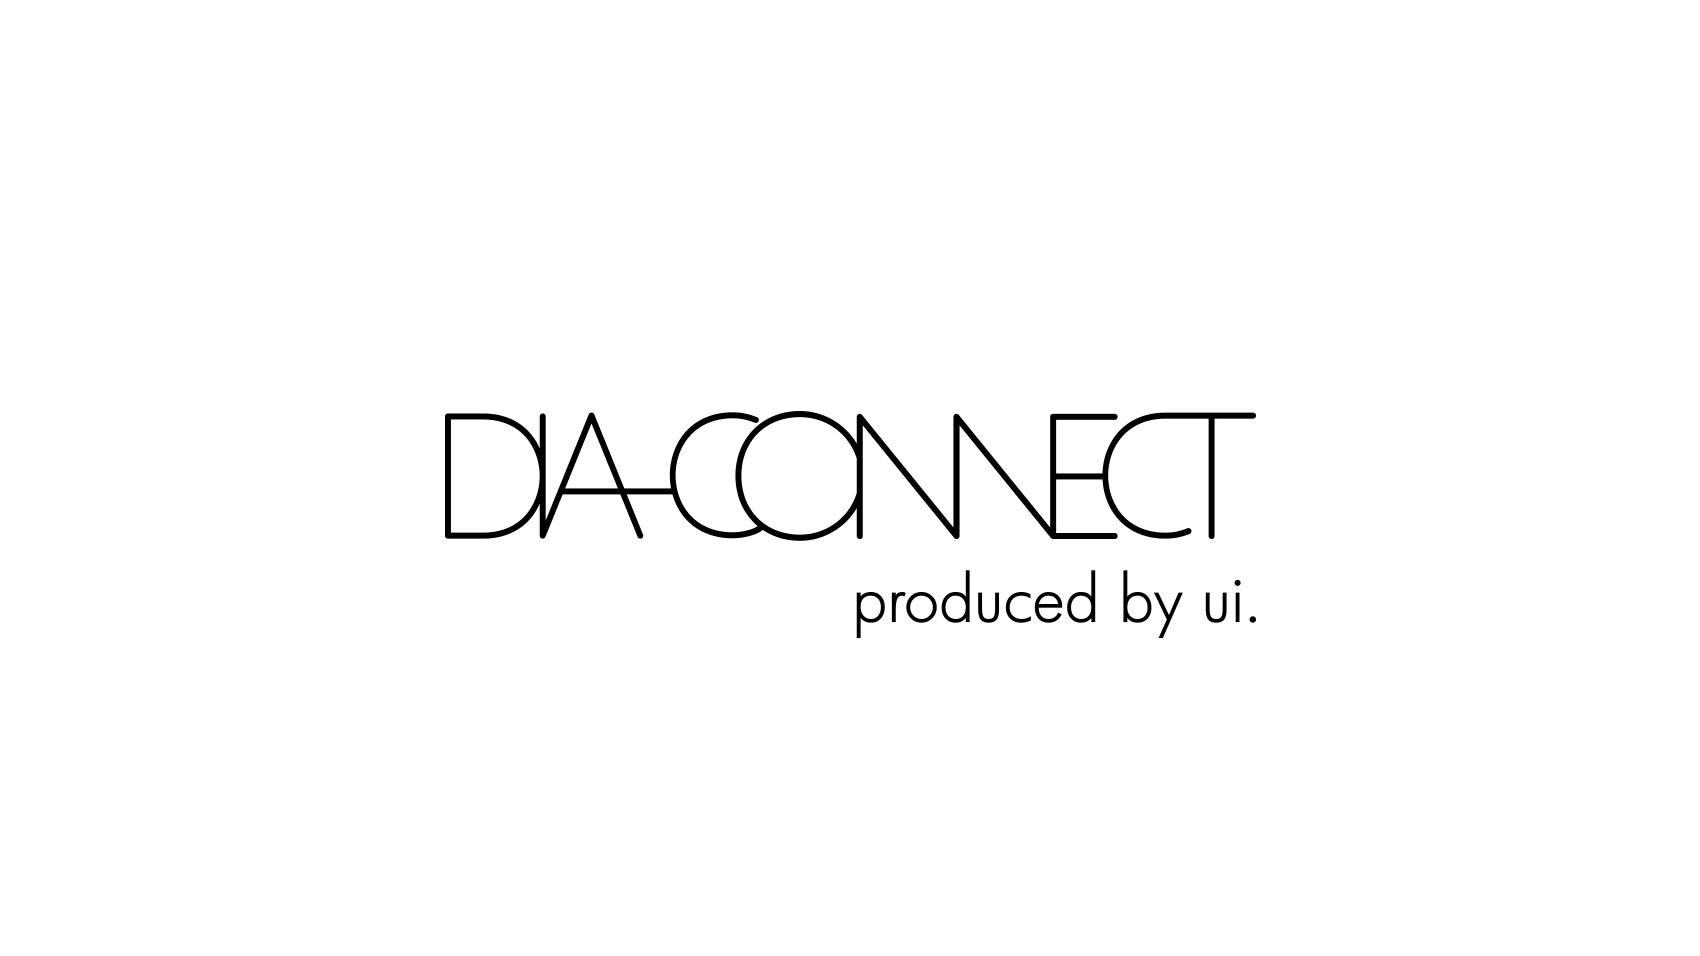 梅田ディアモールで開催されたDIA CONNECT(ディアコネクト)のロゴデザイン